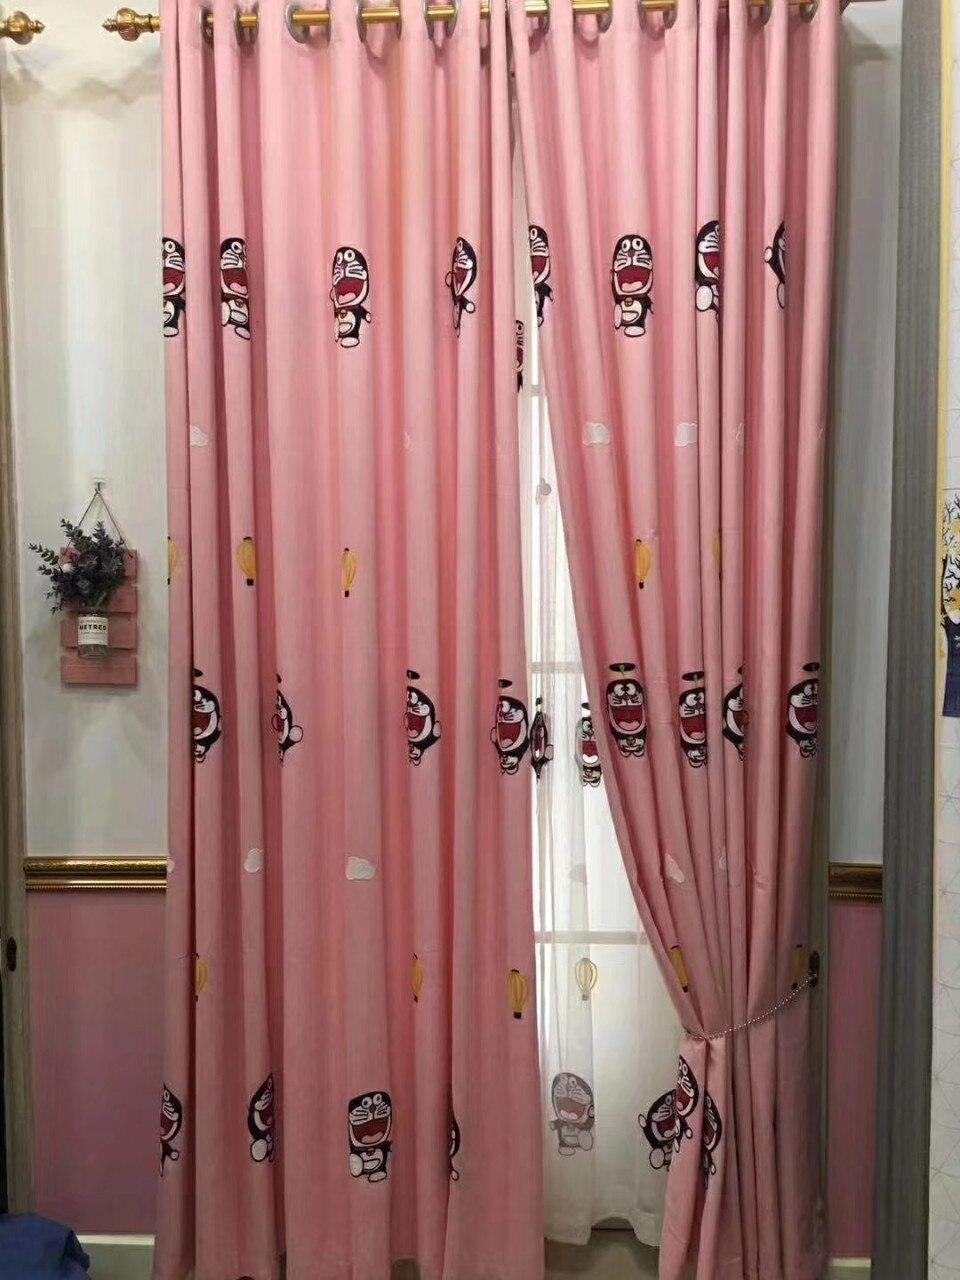 Cortinas opacas para niños, de color rosa y azul, para dormitorio de niña, cortinas para sala de estar con dibujos animados ambientales Guirnalda para exterior de luces LED navideñas de 4,6 M, guirnalda para luces de hadas, cortina de carámbano para Calle de 0,4 a 0,6 m, decoración para el hogar y Jardín de 110 a 220V